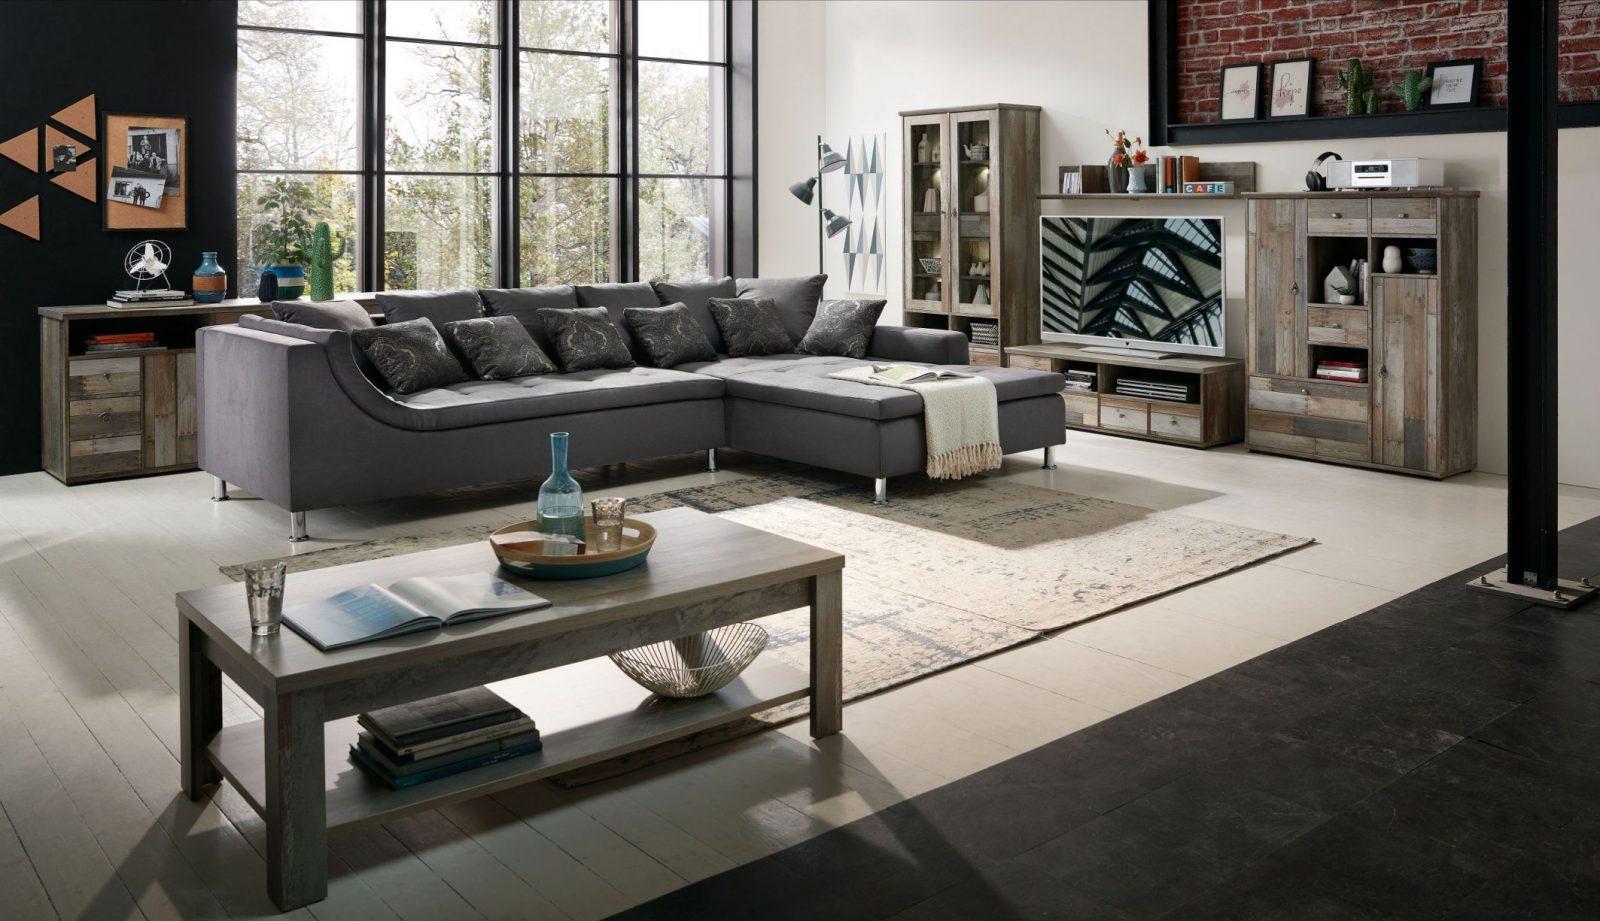 Wohnen  Möbel Für Ihr Zuhause  Möbel As von Möbel As In Landau Bild